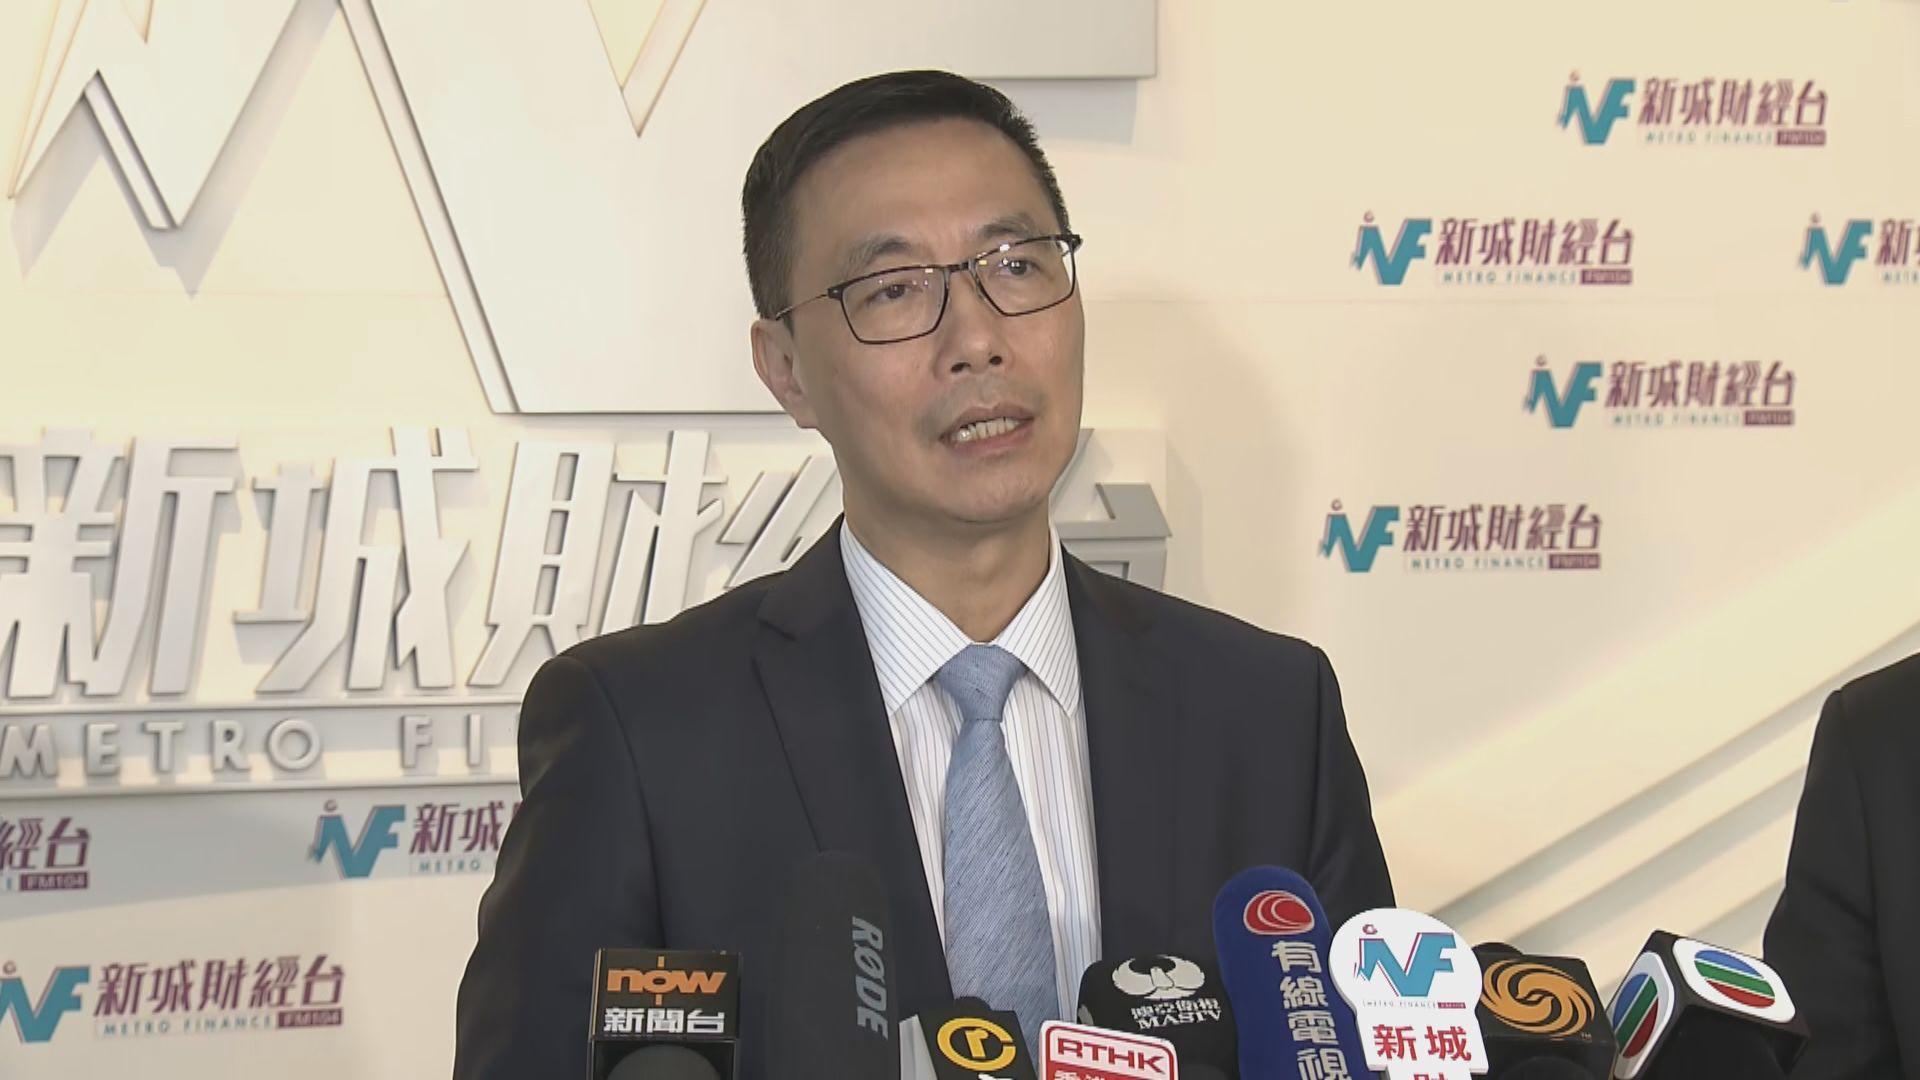 楊潤雄:要求學校匯報學生蒙面非要追究學生